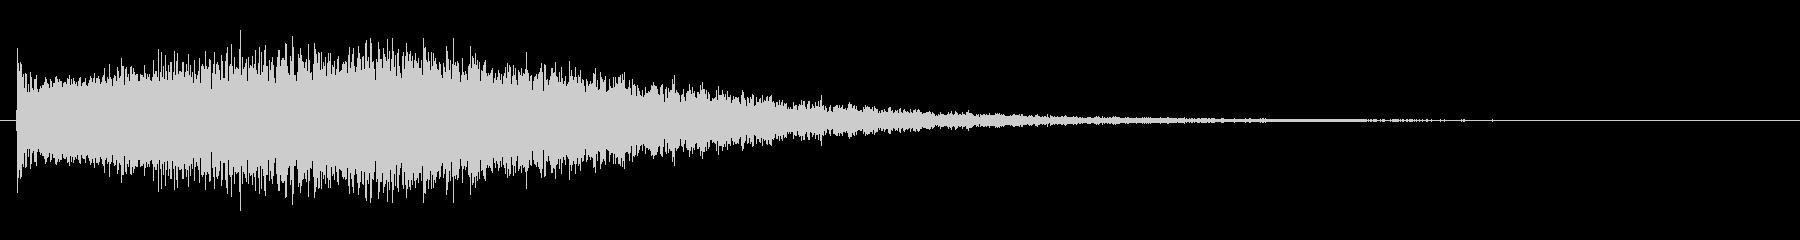 オリジナルの効果音_落下_ピュイーンの未再生の波形